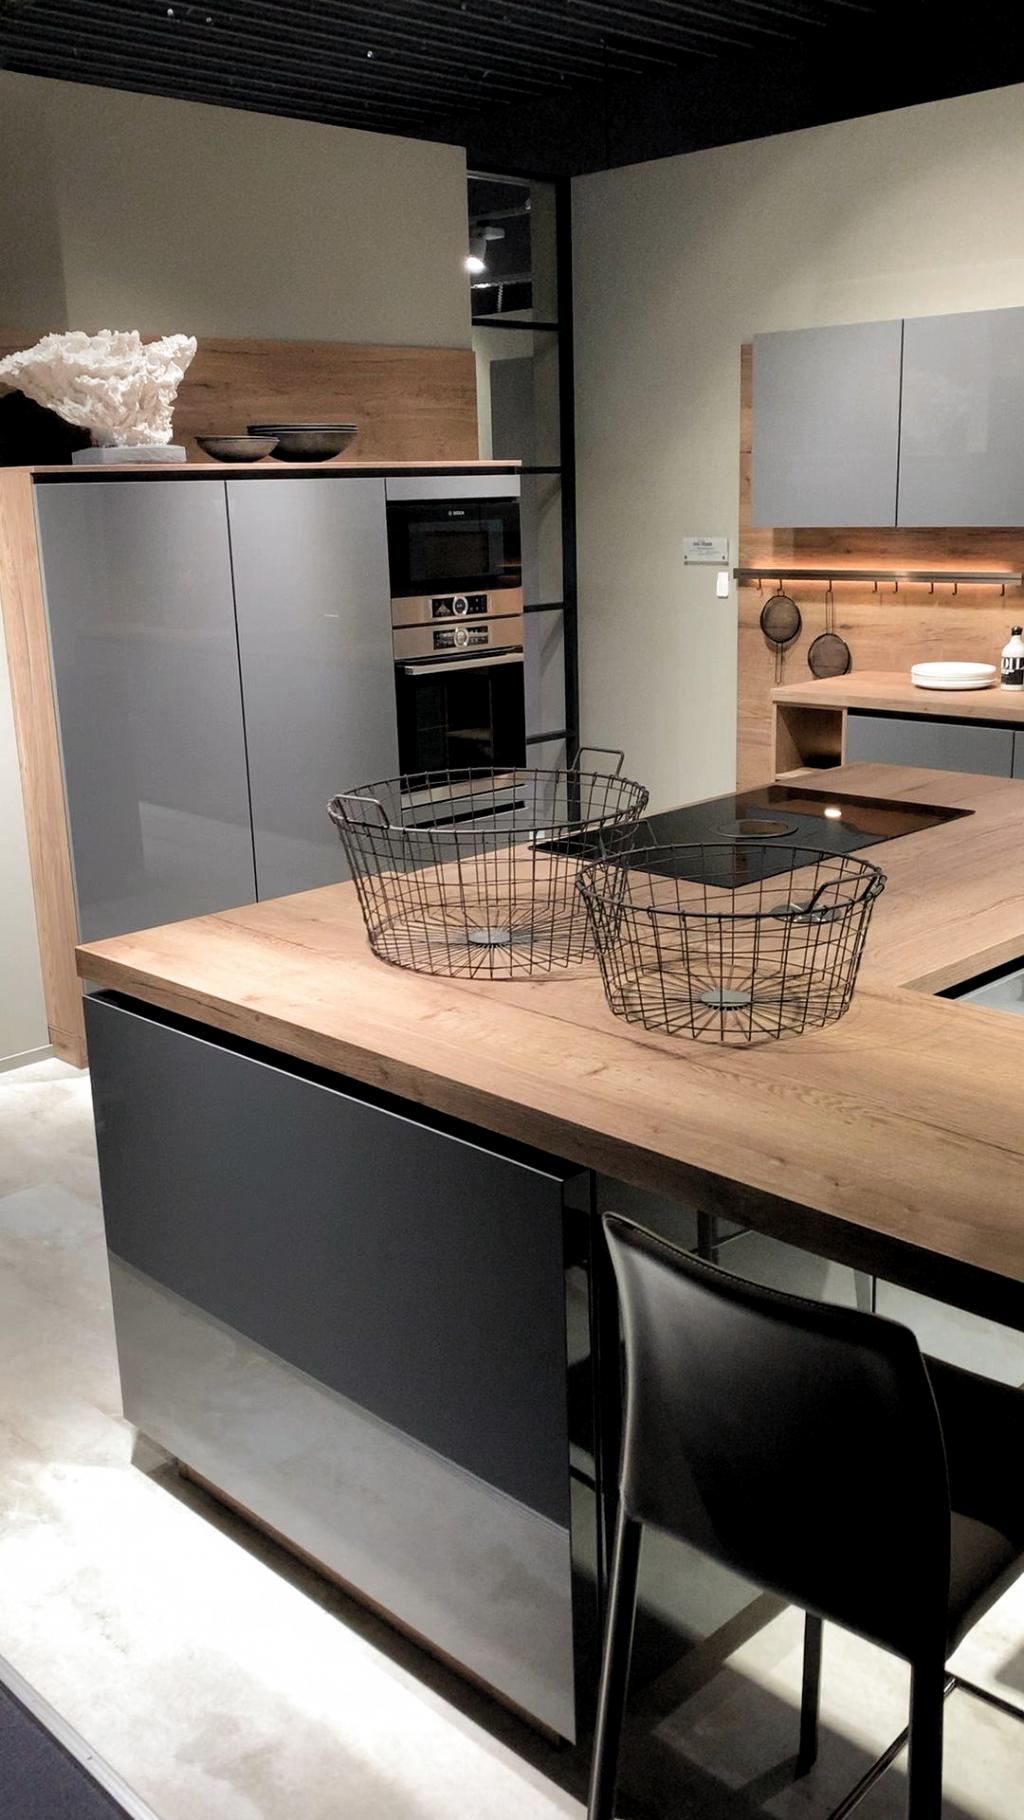 Pin By Sandro Silva On Luxury Kitchens In 2020 Kitchen Furniture Design Modern Kitchen Cabinet Design Kitchen Room Design